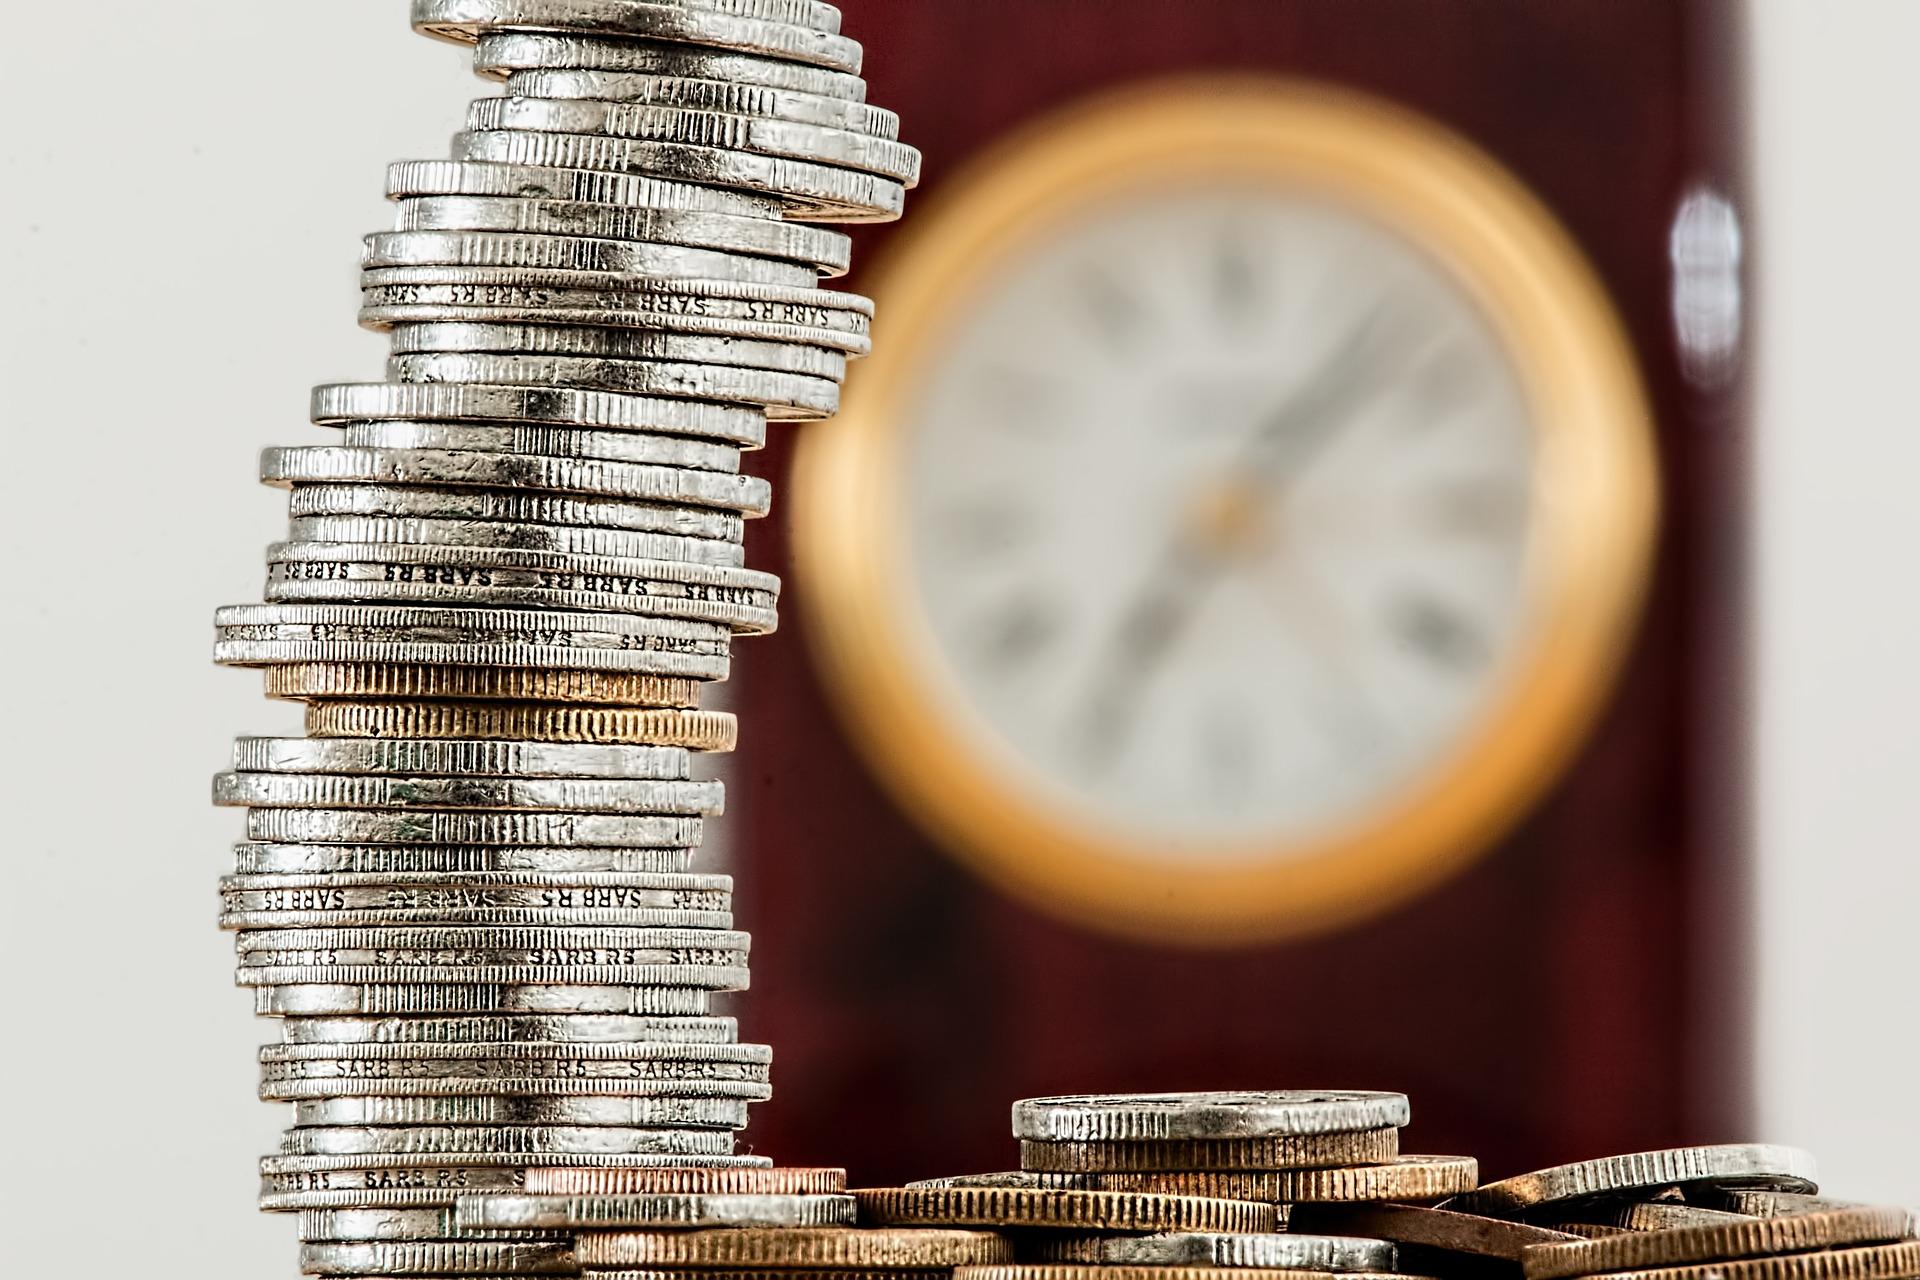 De invloed van een CIS registratie op de hypotheekverstrekking